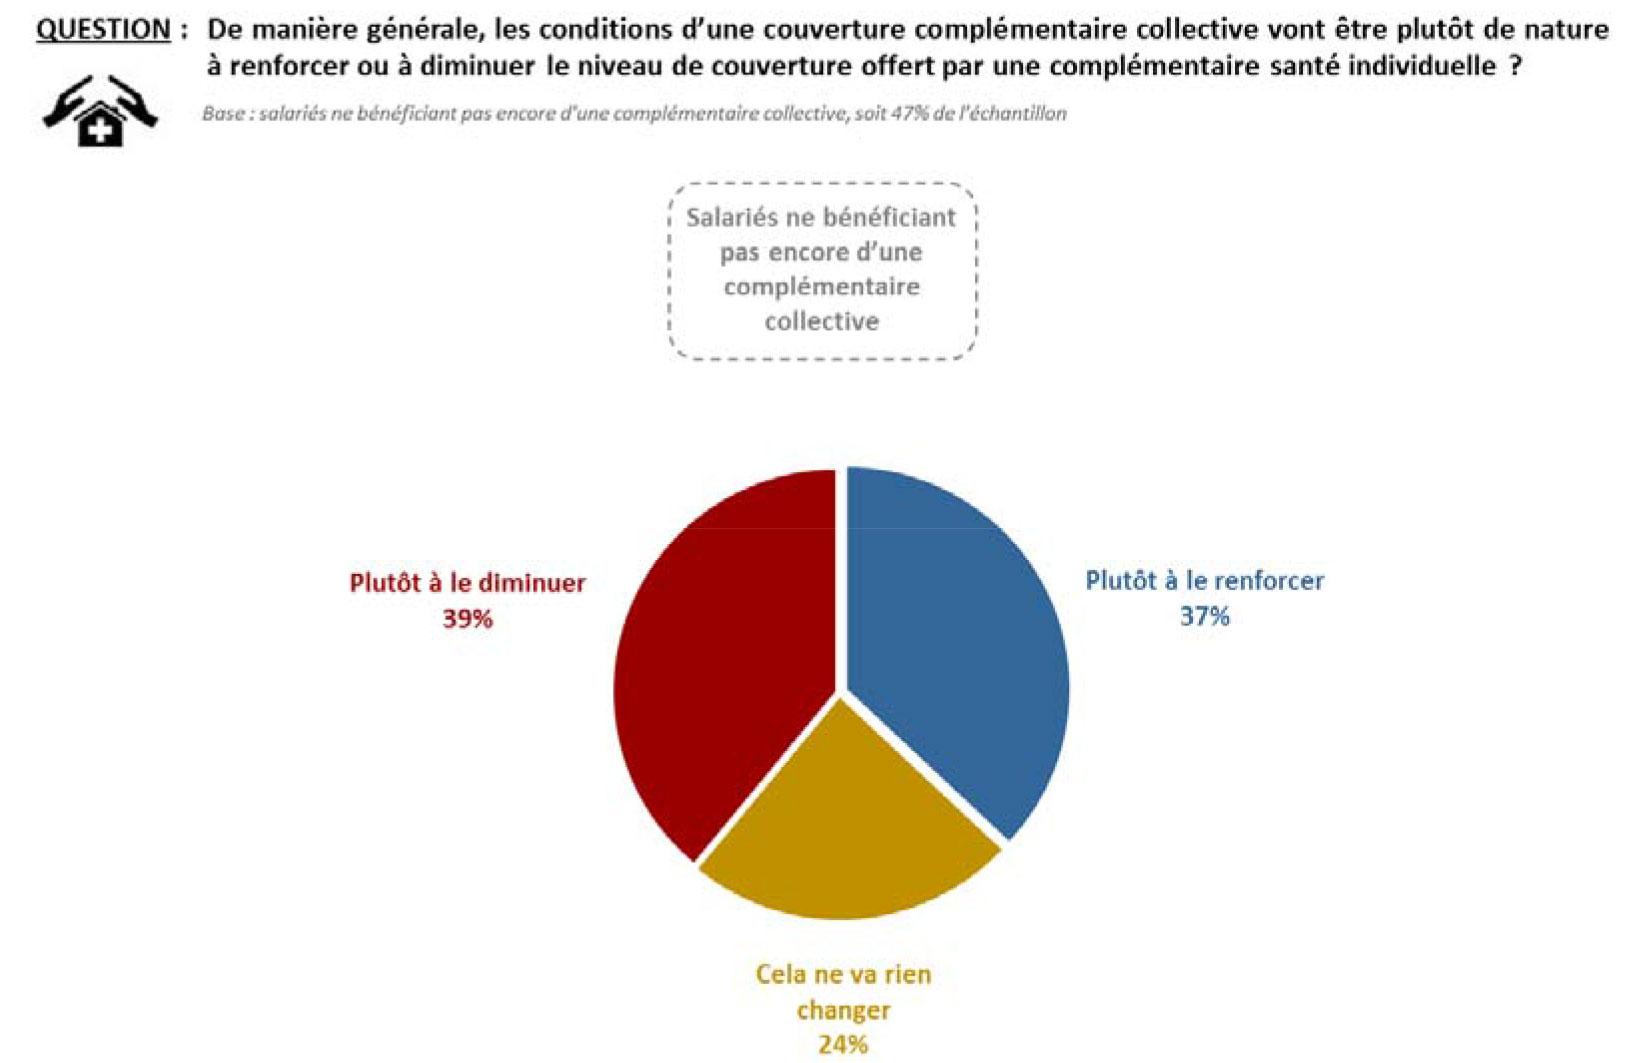 sentiment-generalisation-couverture-complementaire